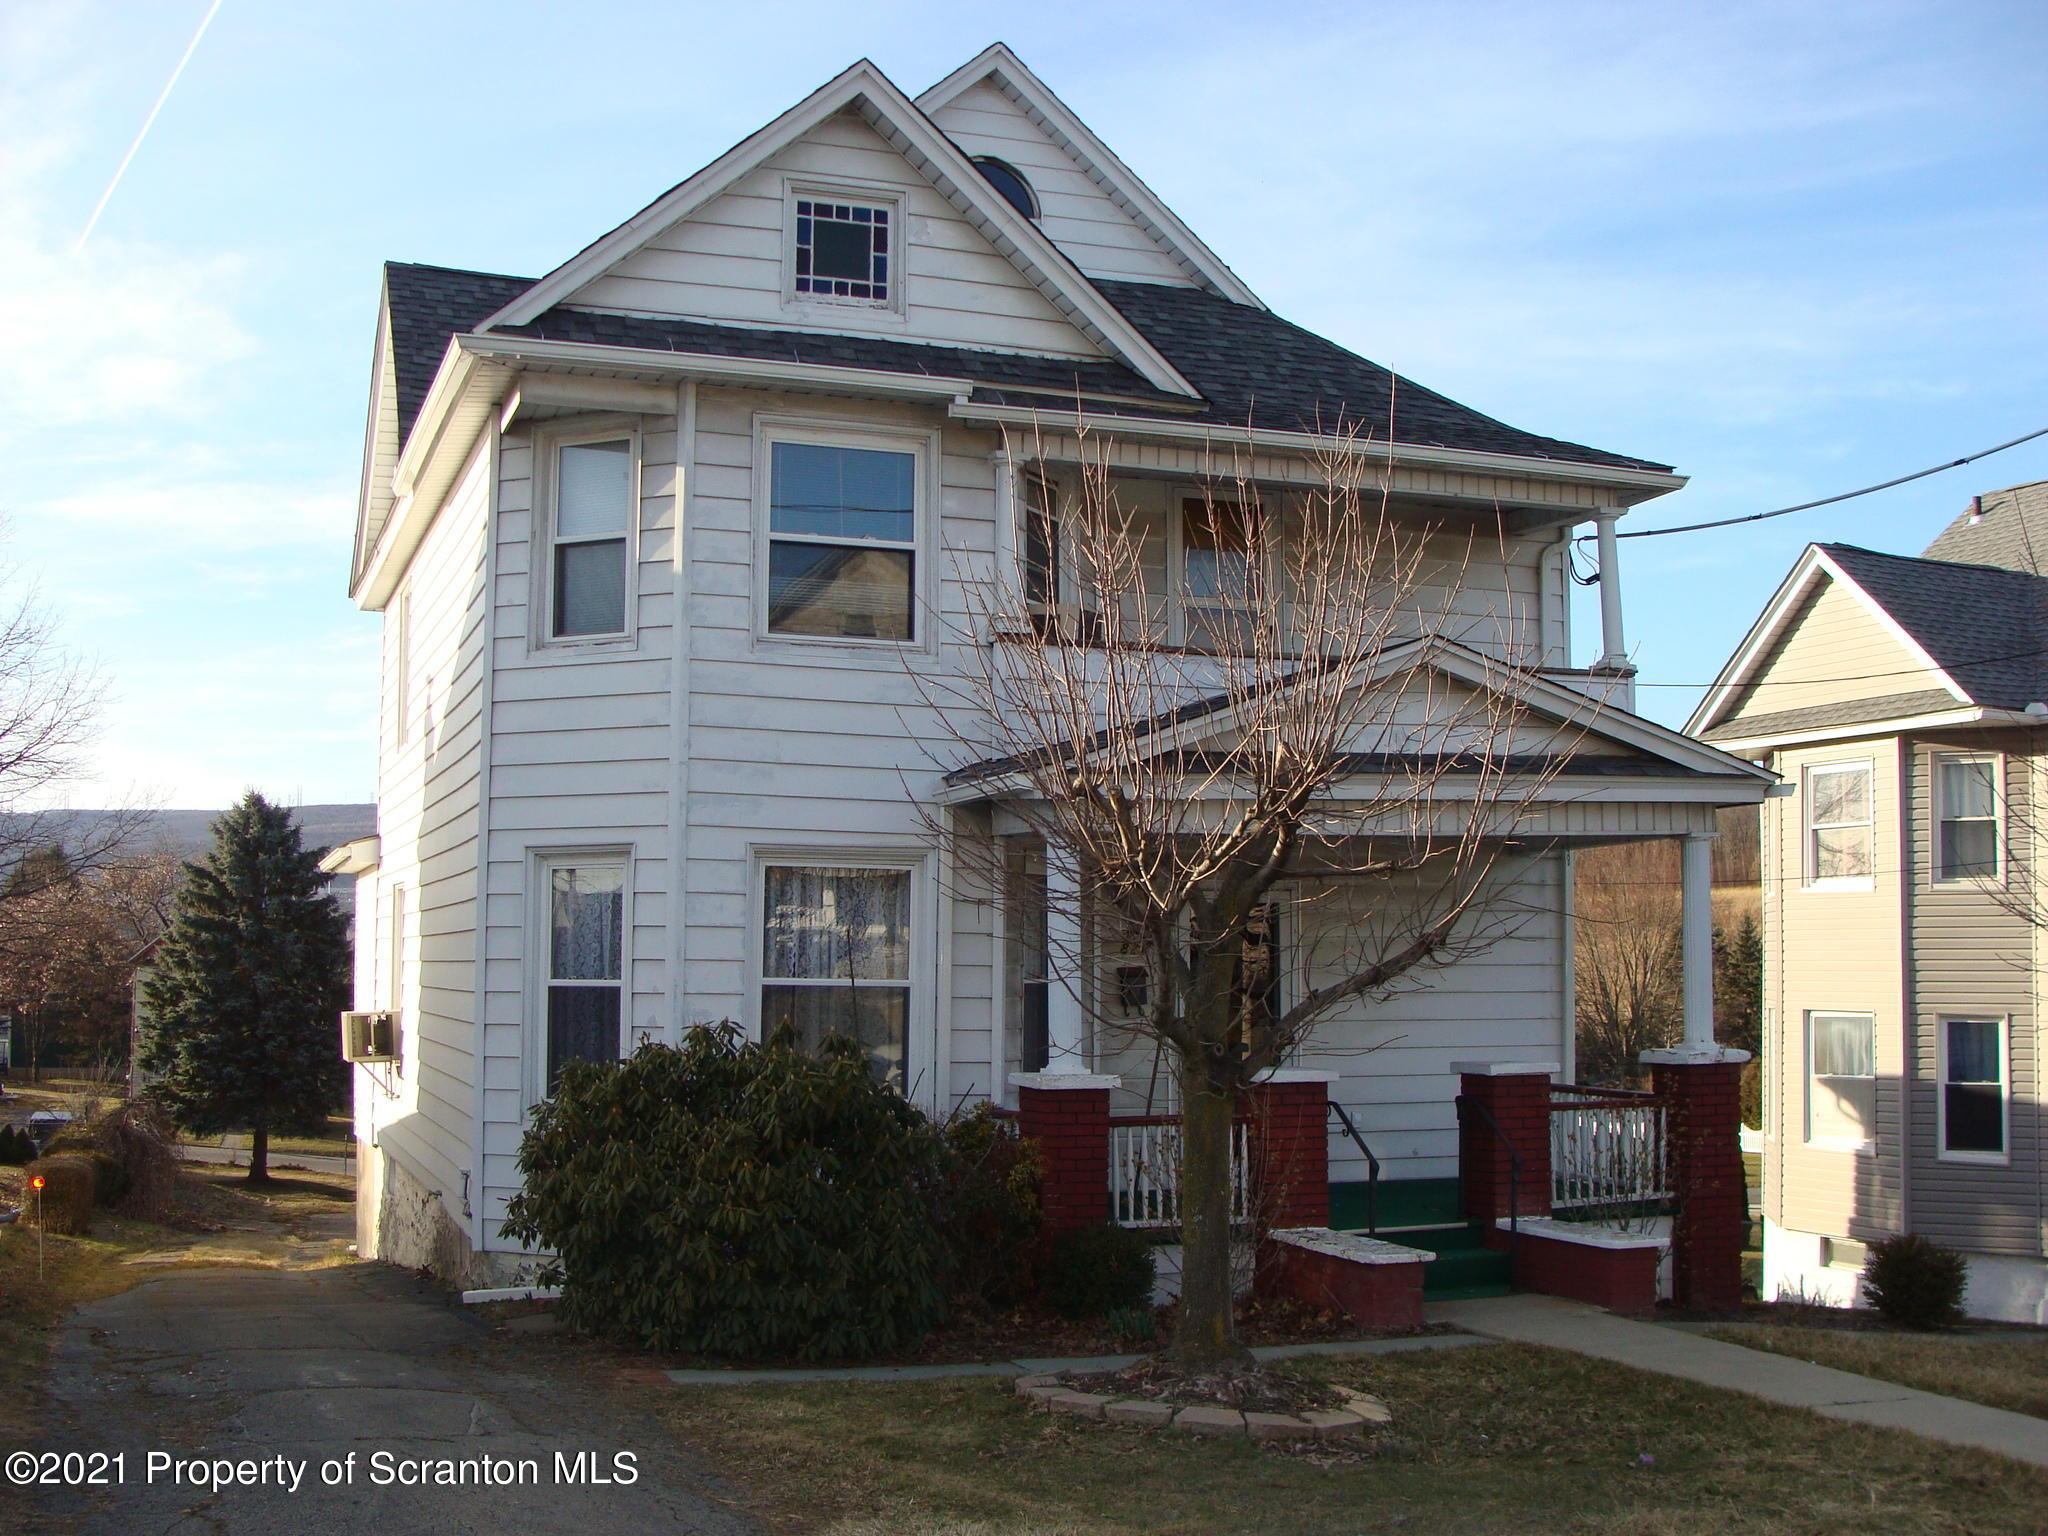 821 George Street, Throop, Pennsylvania 18512, 3 Bedrooms Bedrooms, 7 Rooms Rooms,2 BathroomsBathrooms,Single Family,For Sale,George,21-839